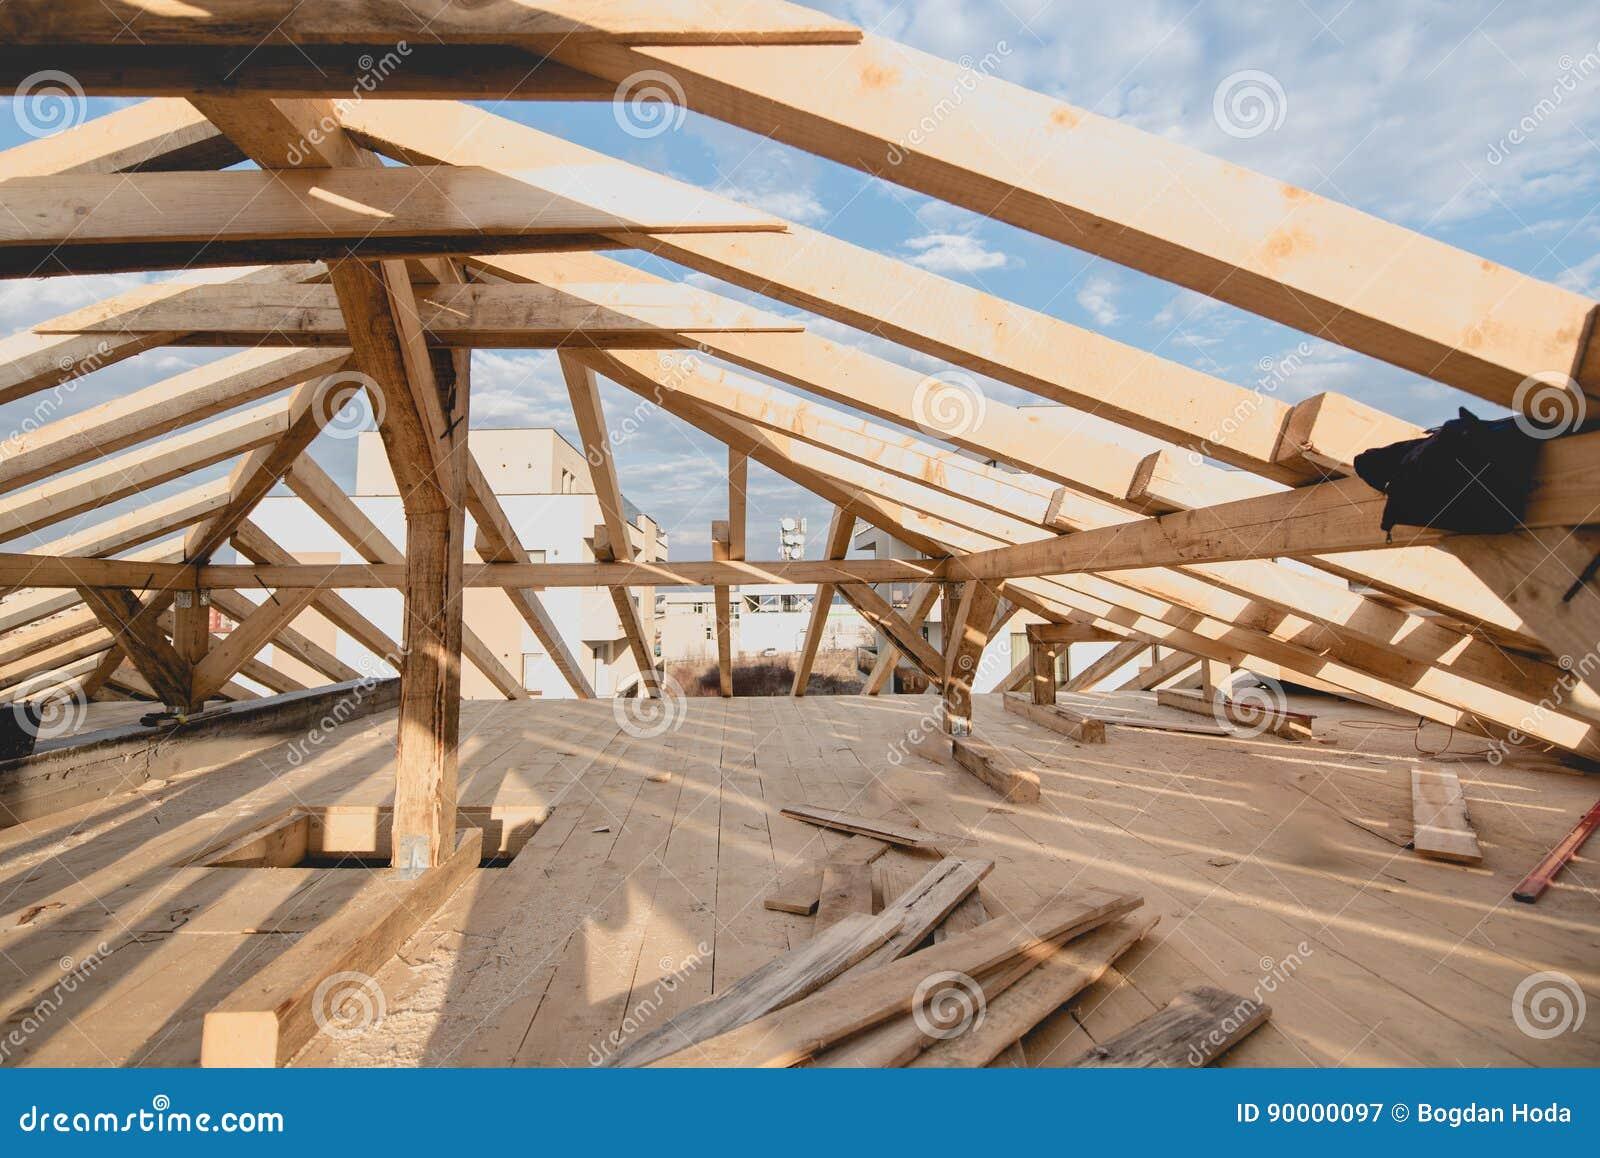 Nybyggnaddetaljer - inrama installera taket förstärka systemet